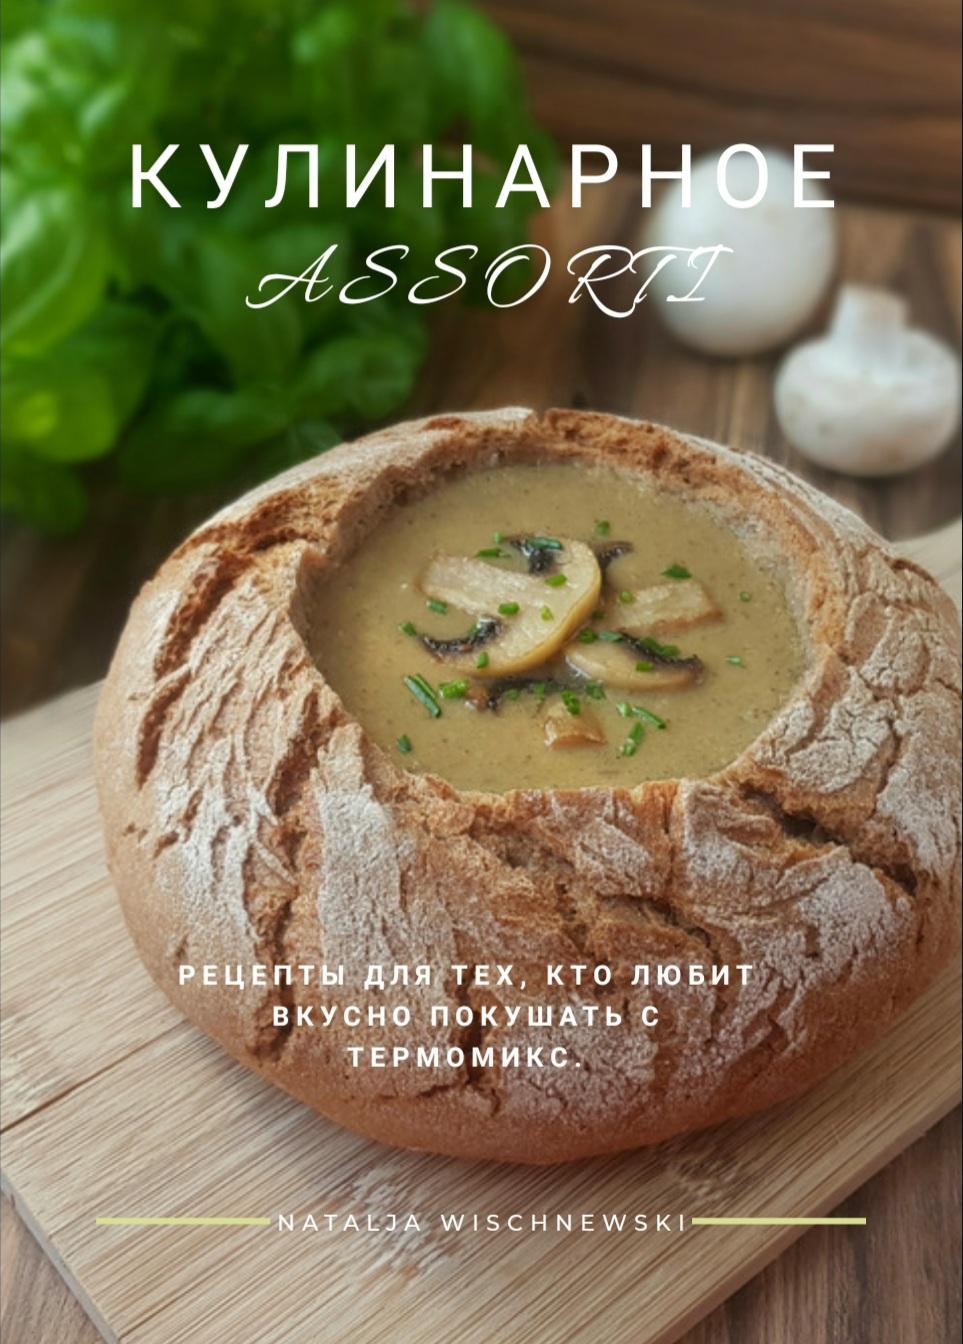 Кулинарное ASSORTI: Russische Rezepte mit dem Thermomix® by Natalja Wischewski